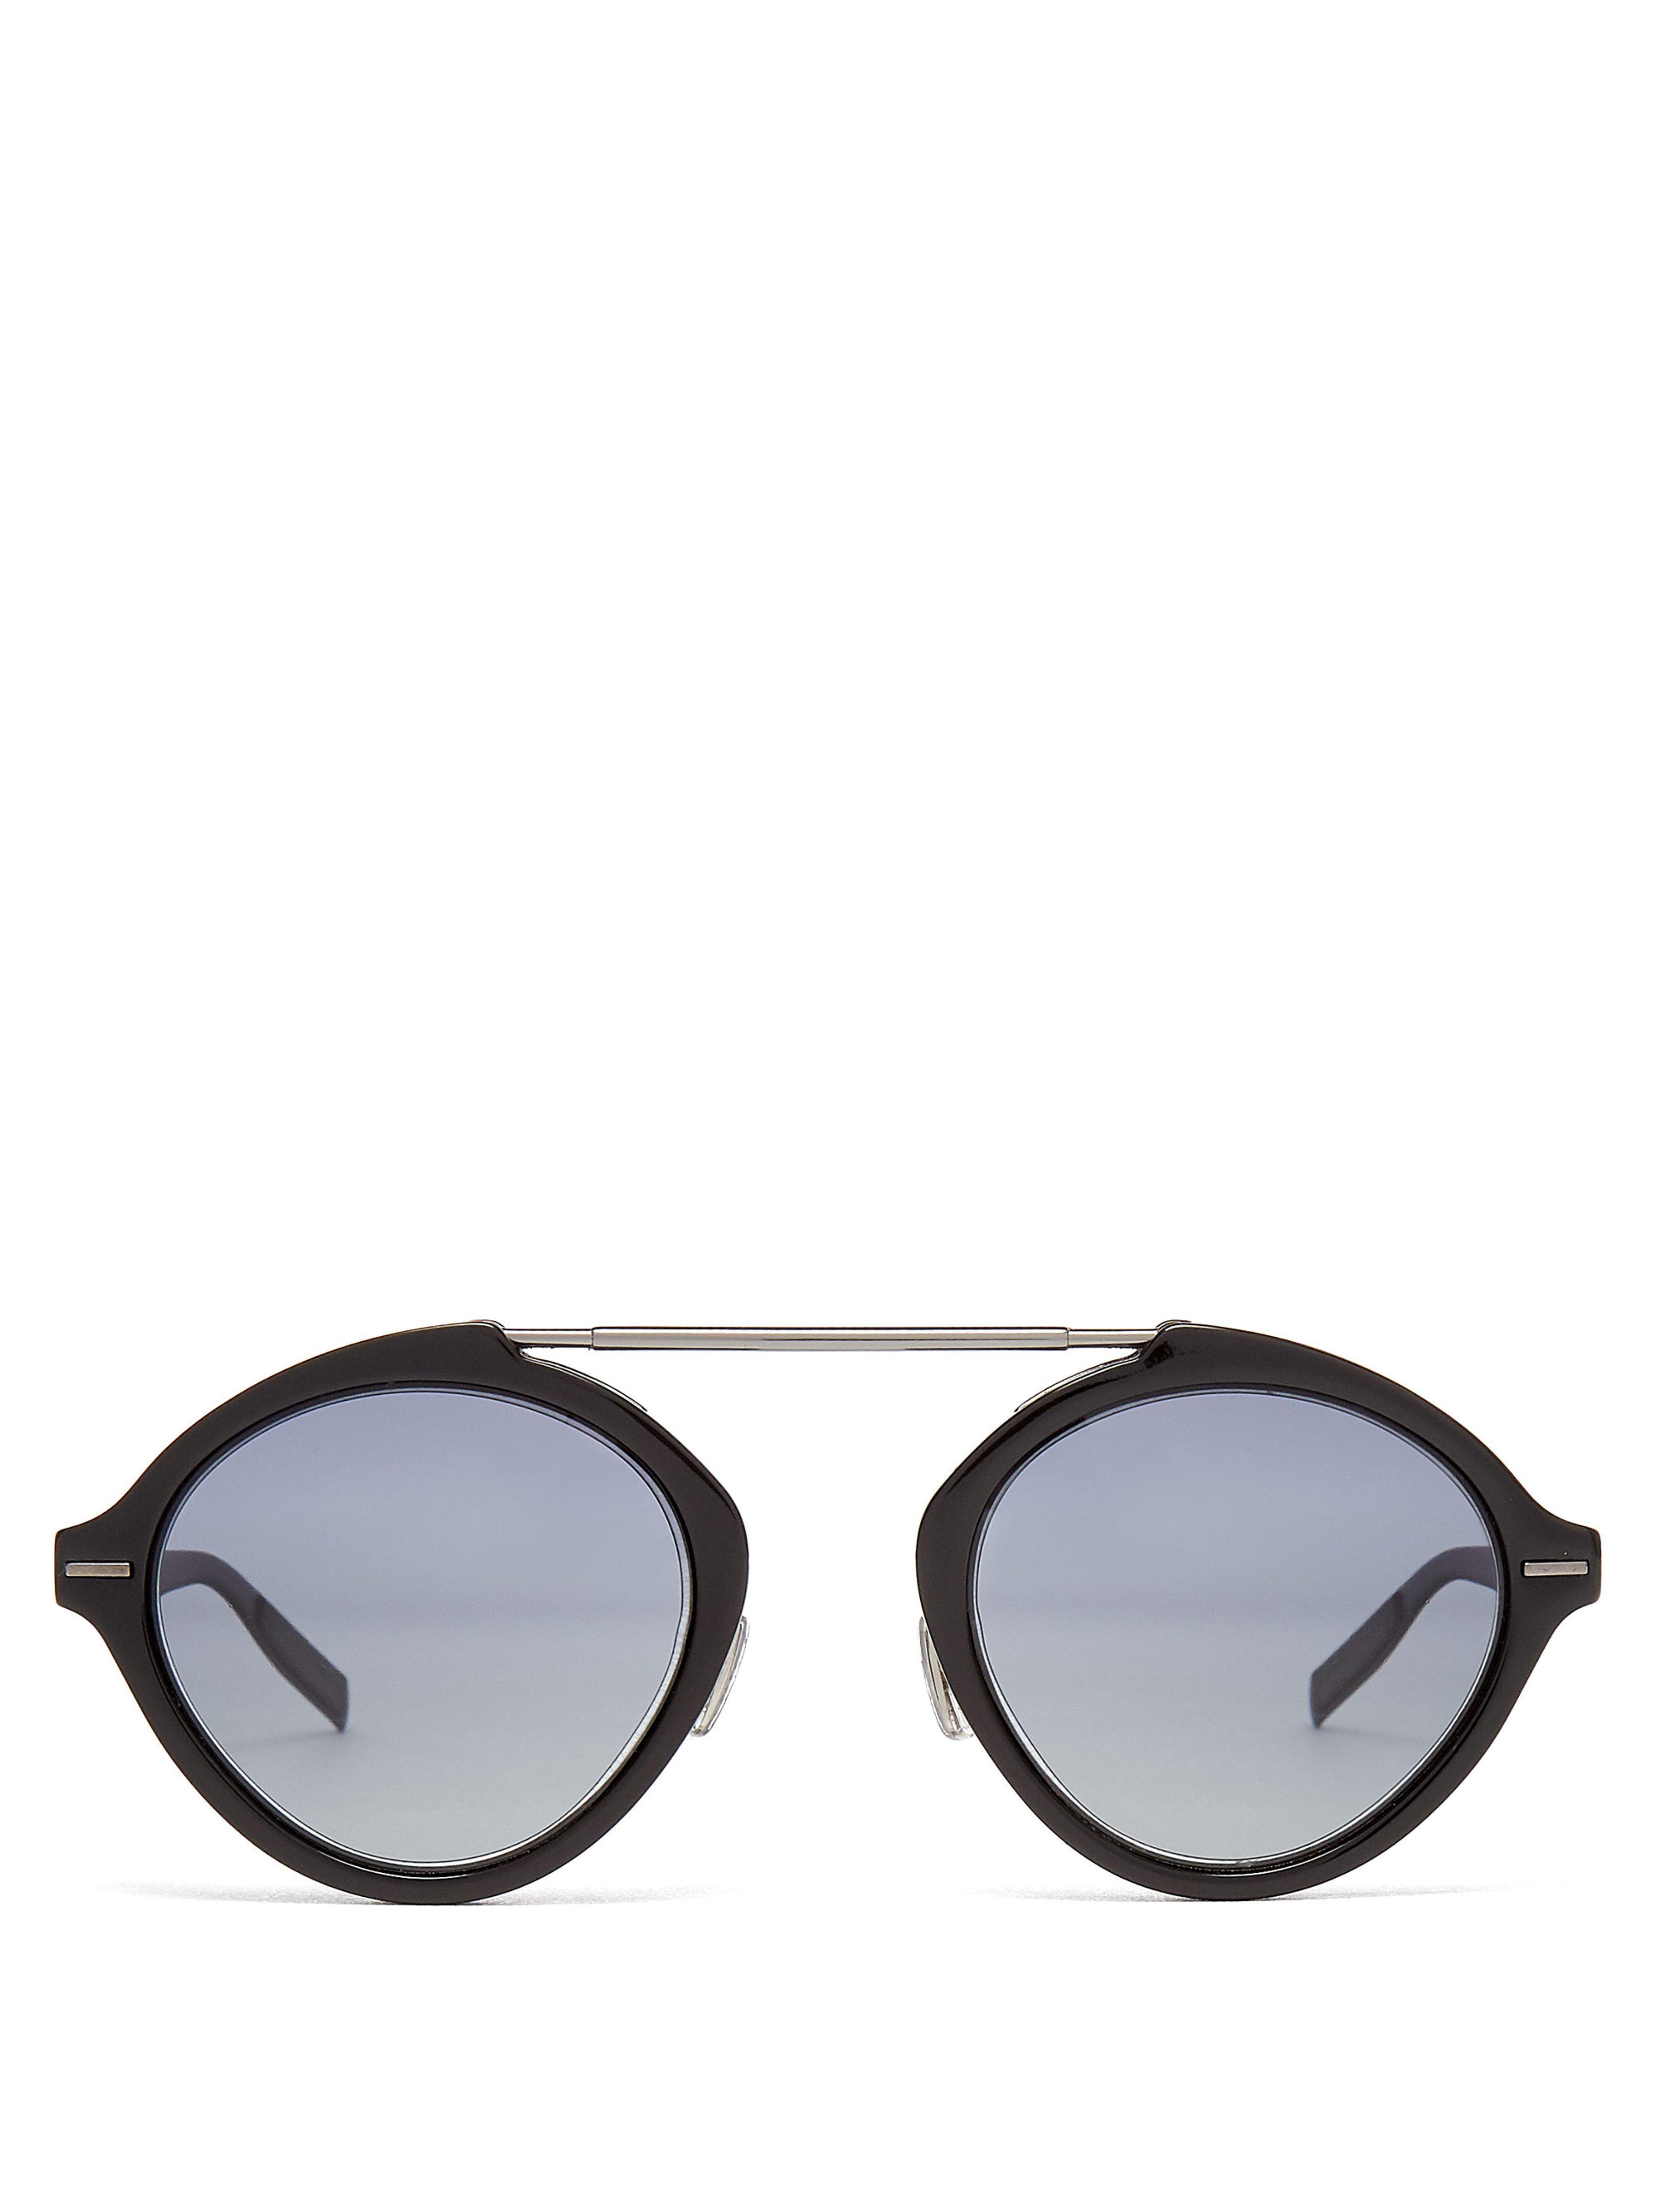 ee7ddd615aca58 Lyst - Lunettes de soleil rondes System Dior Homme pour homme en ...